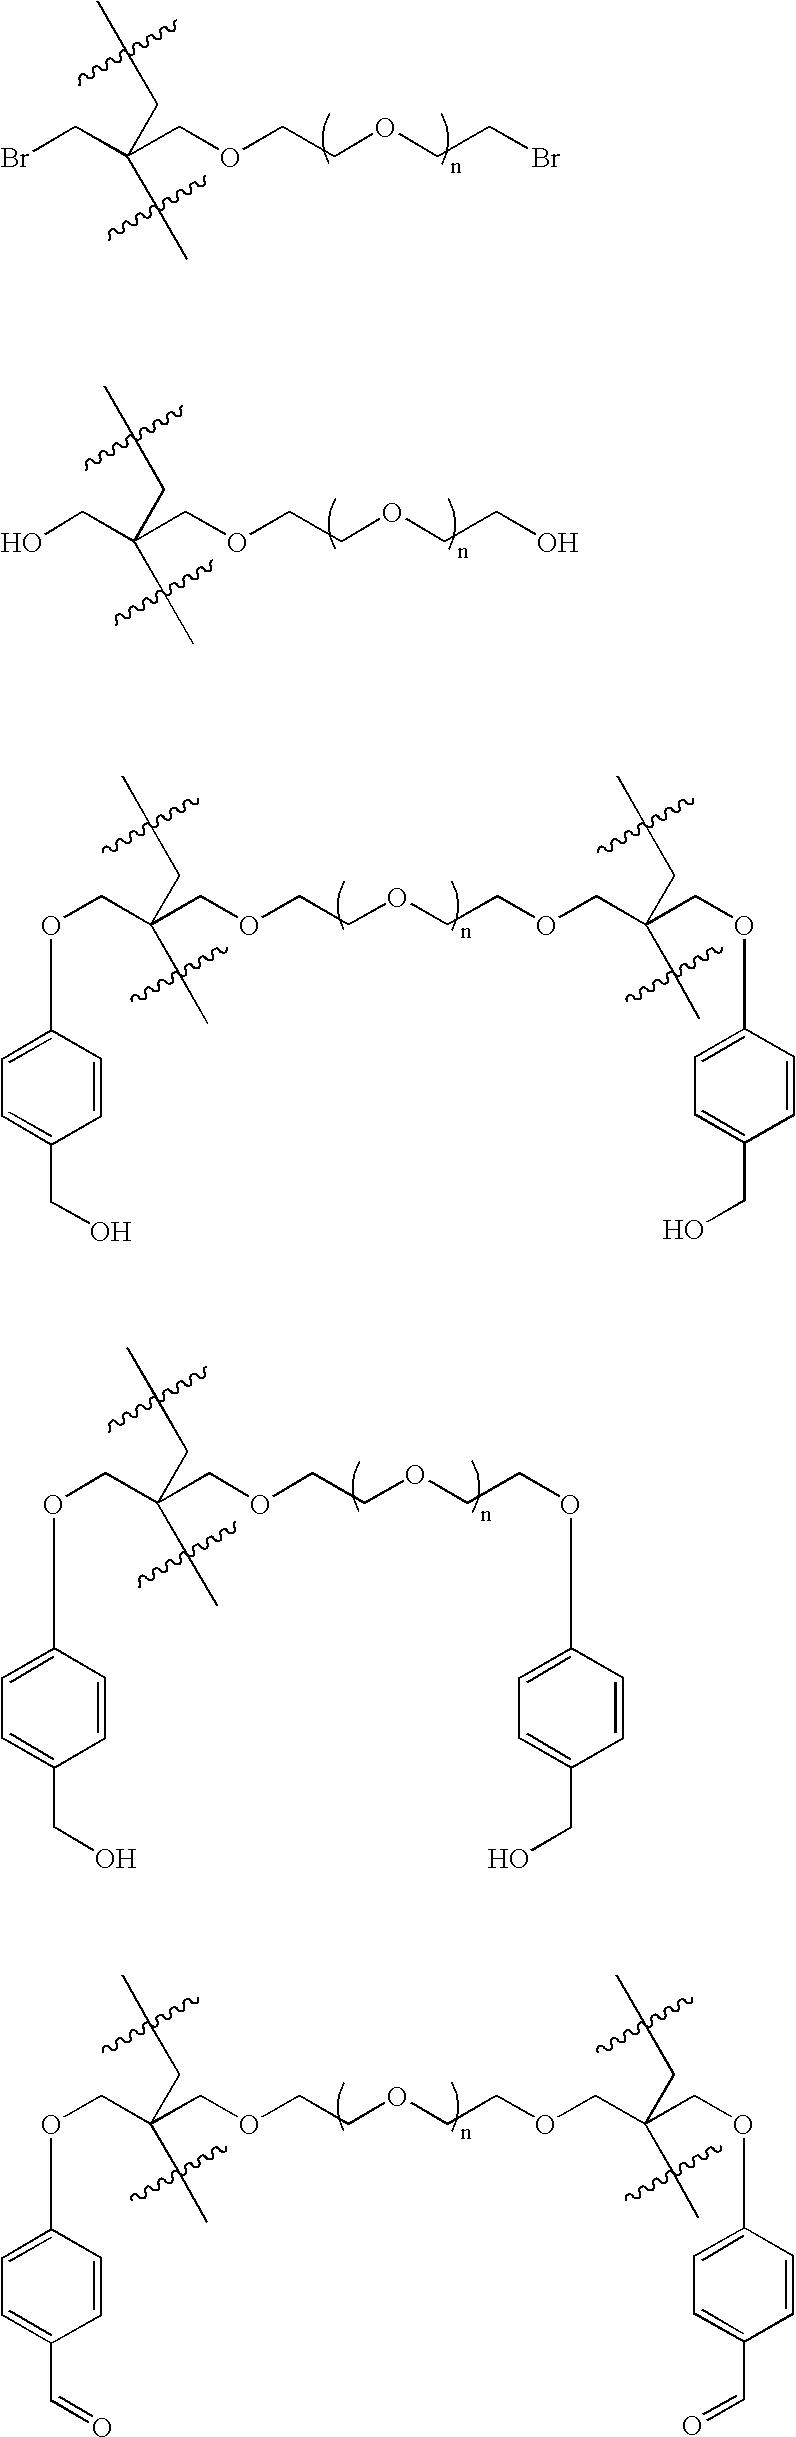 Figure US20060241245A1-20061026-C00021